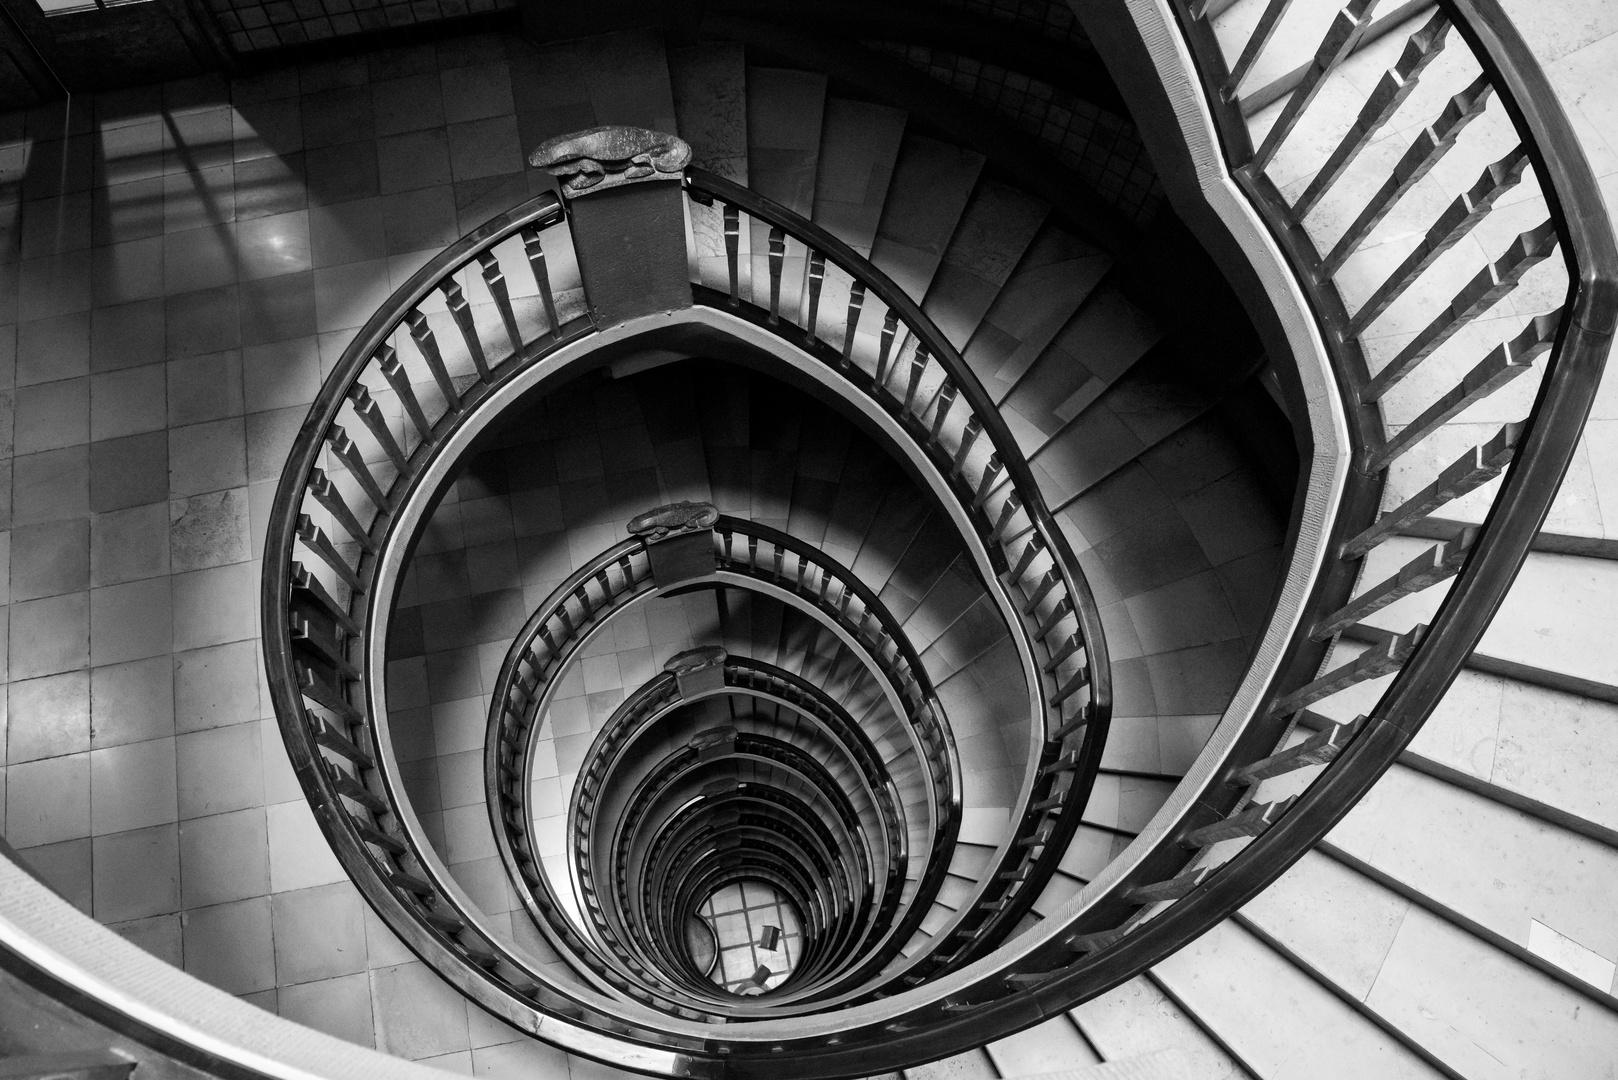 Schone Grusse Aus Dem Treppenhaus Foto Bild Architektur Treppen